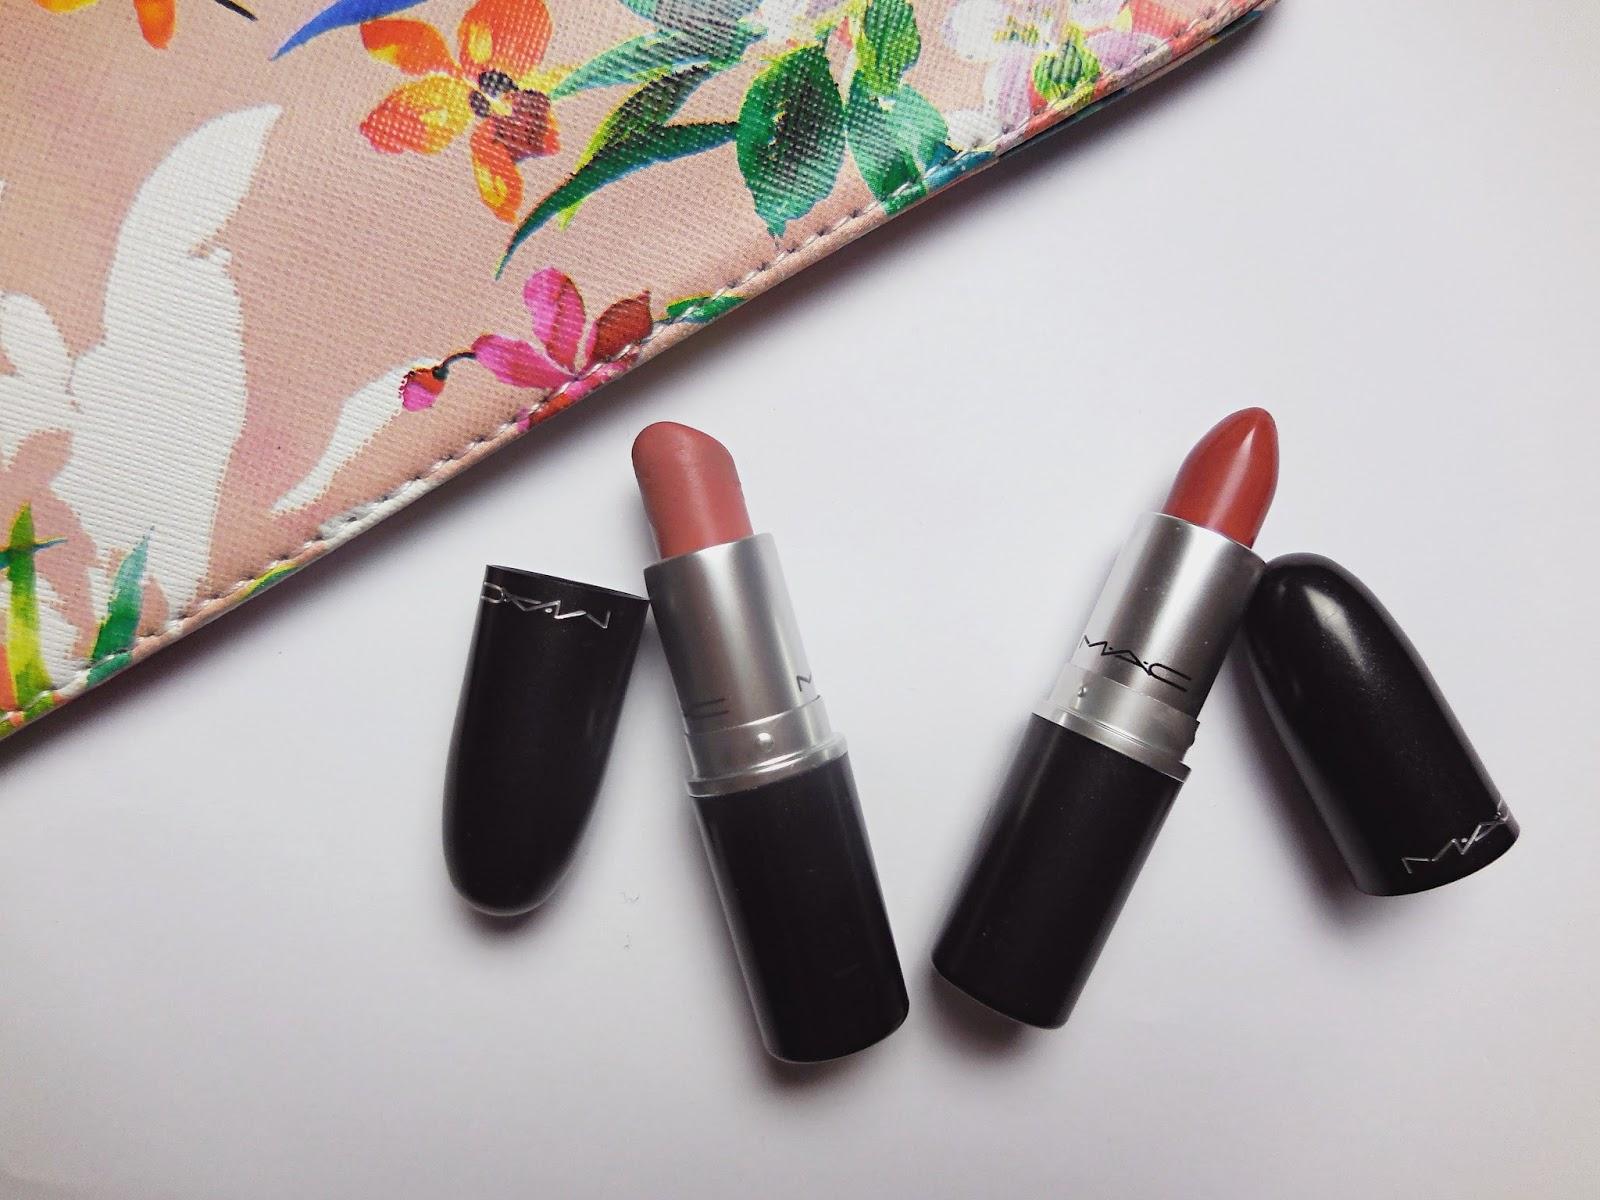 Mac Velvet Teddy Vs Mac Mocha Lipstick Makaloves